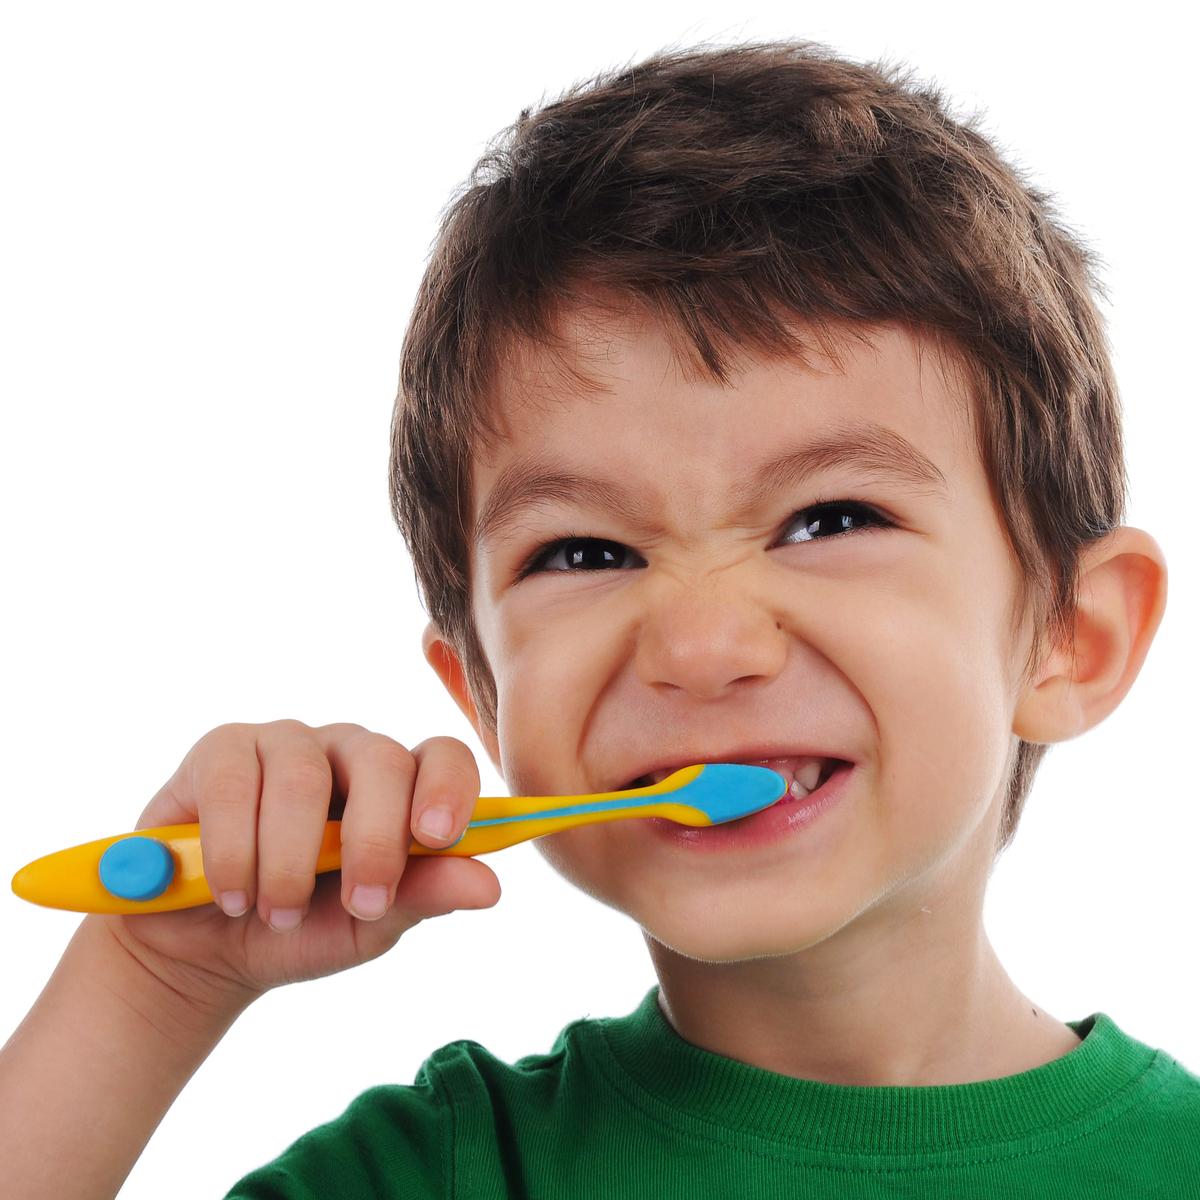 Cuida tu salud dental con VENTAJON